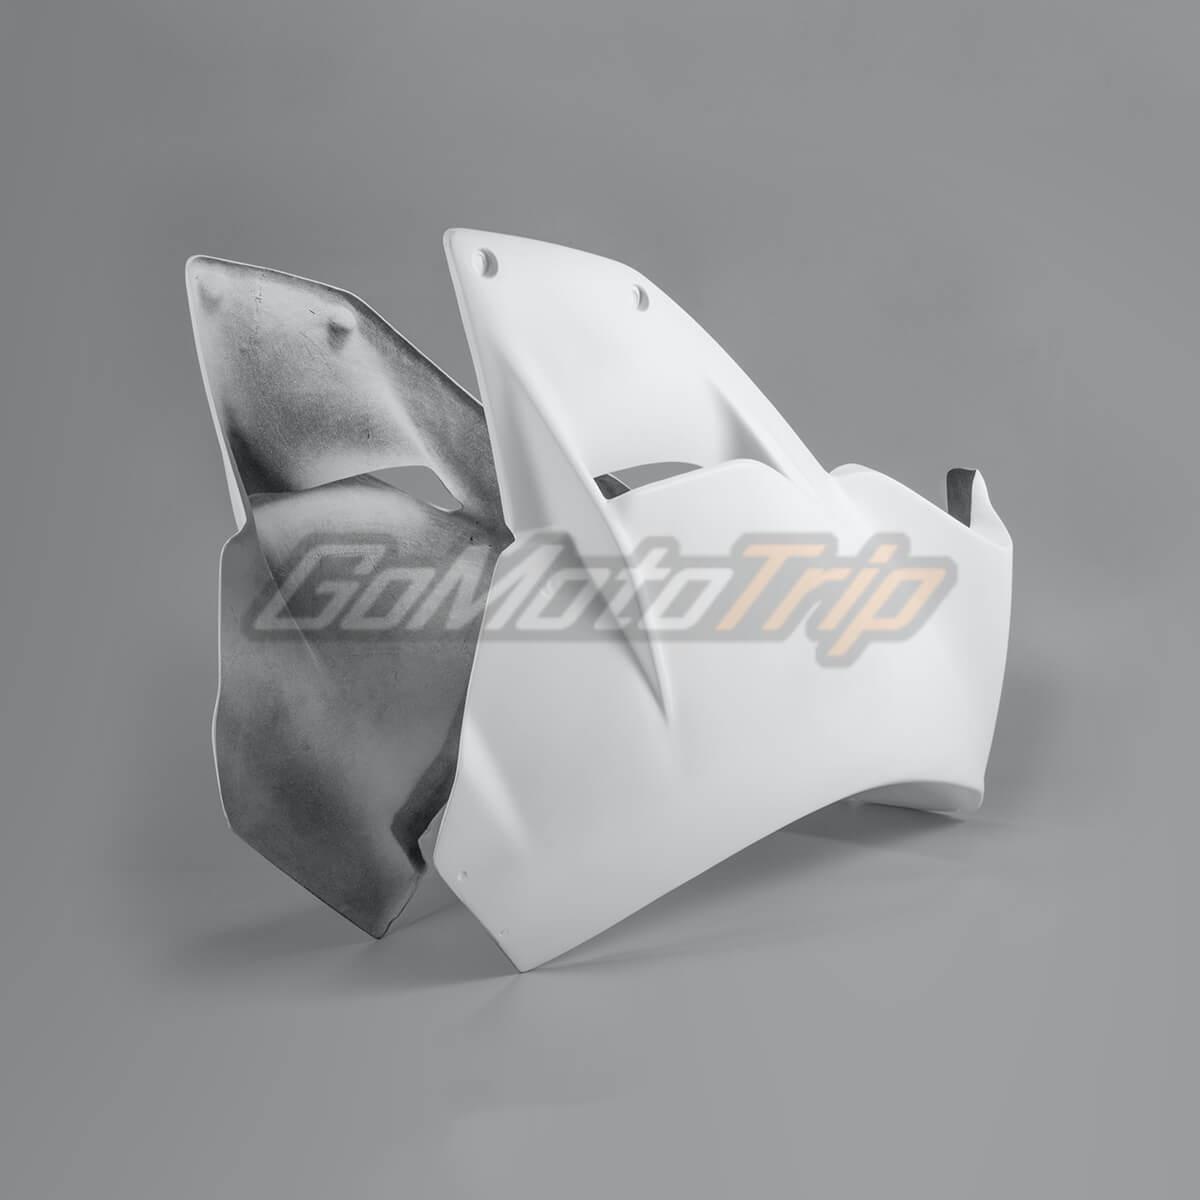 KTM RC390 Race Bodywork Unpainted 4